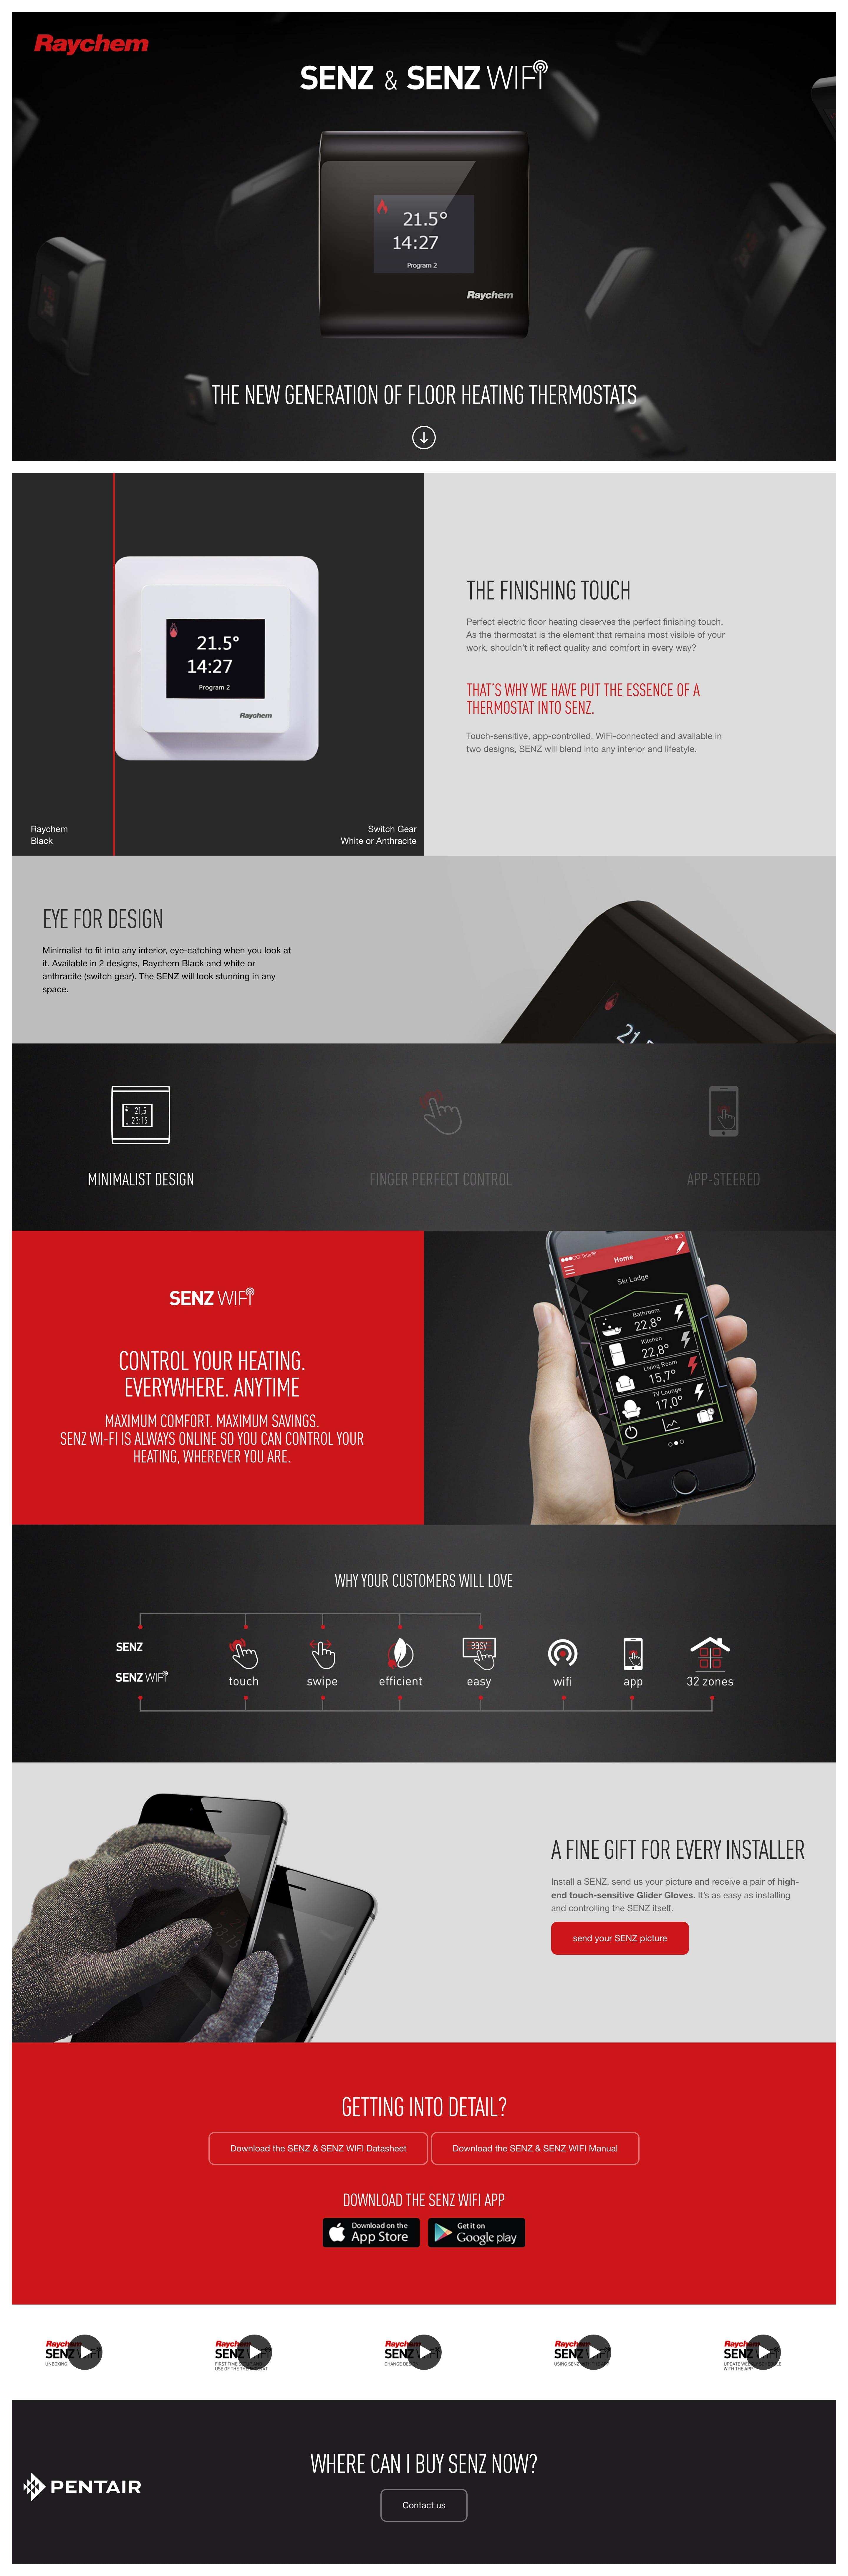 Senz & Senz Wifi Website Screenshot